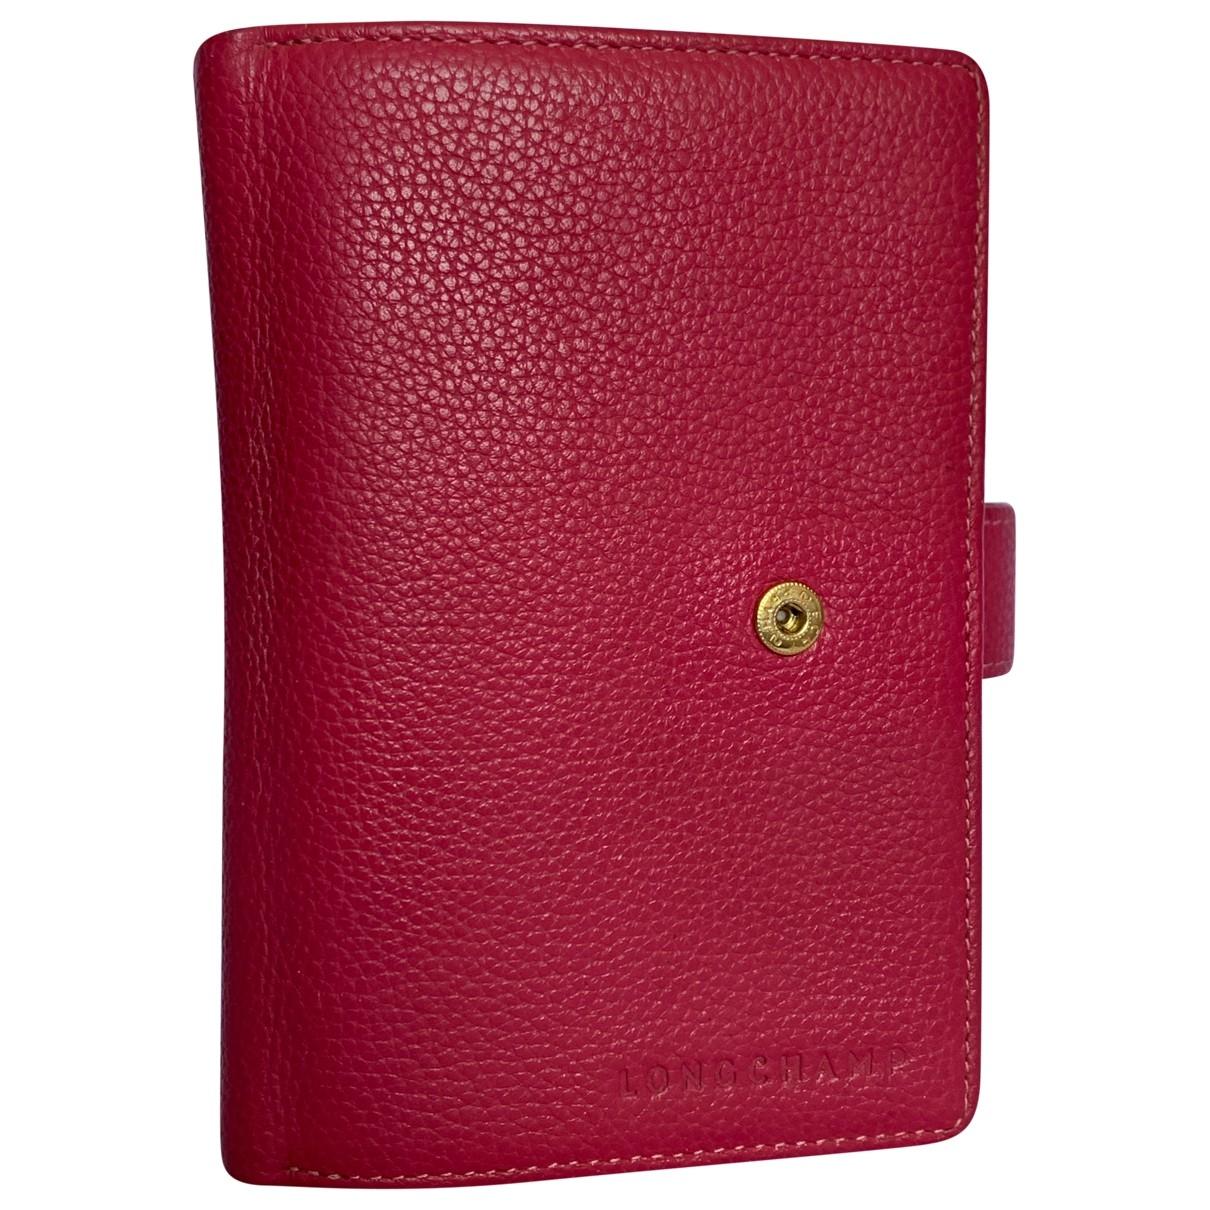 Longchamp - Objets & Deco   pour lifestyle en cuir - rose